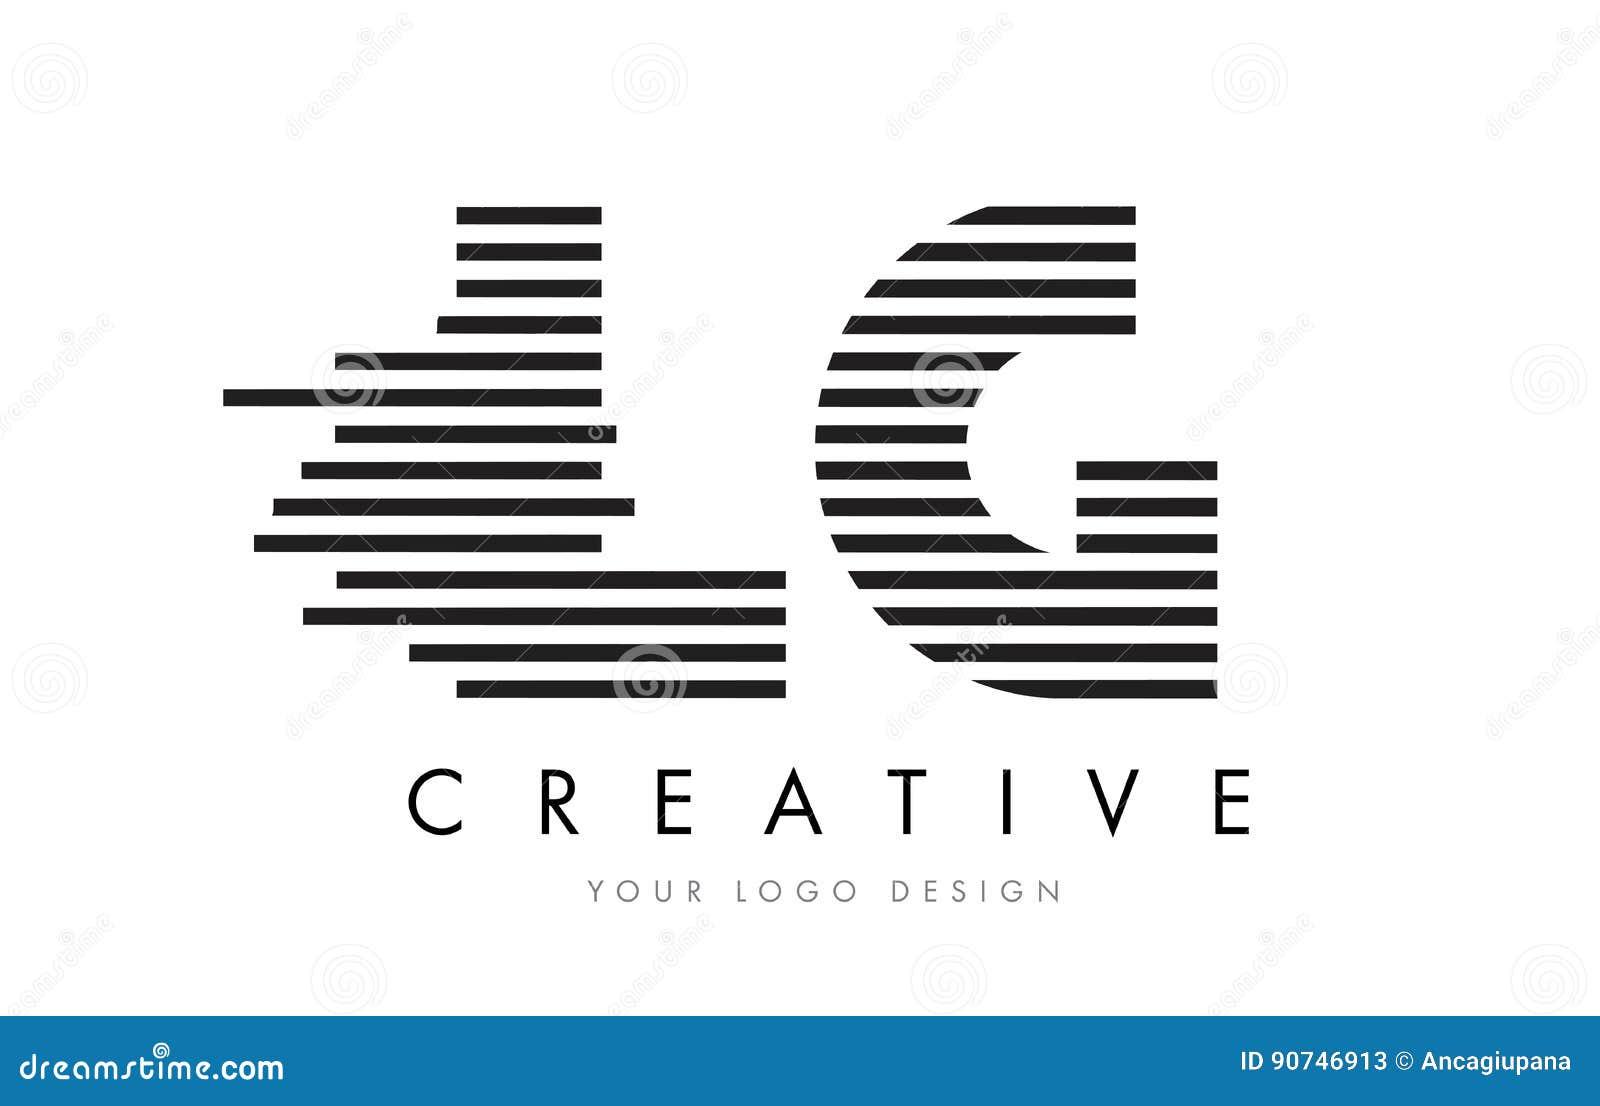 LG L G Zebra Letter Logo Design With Black And White Stripes Stock